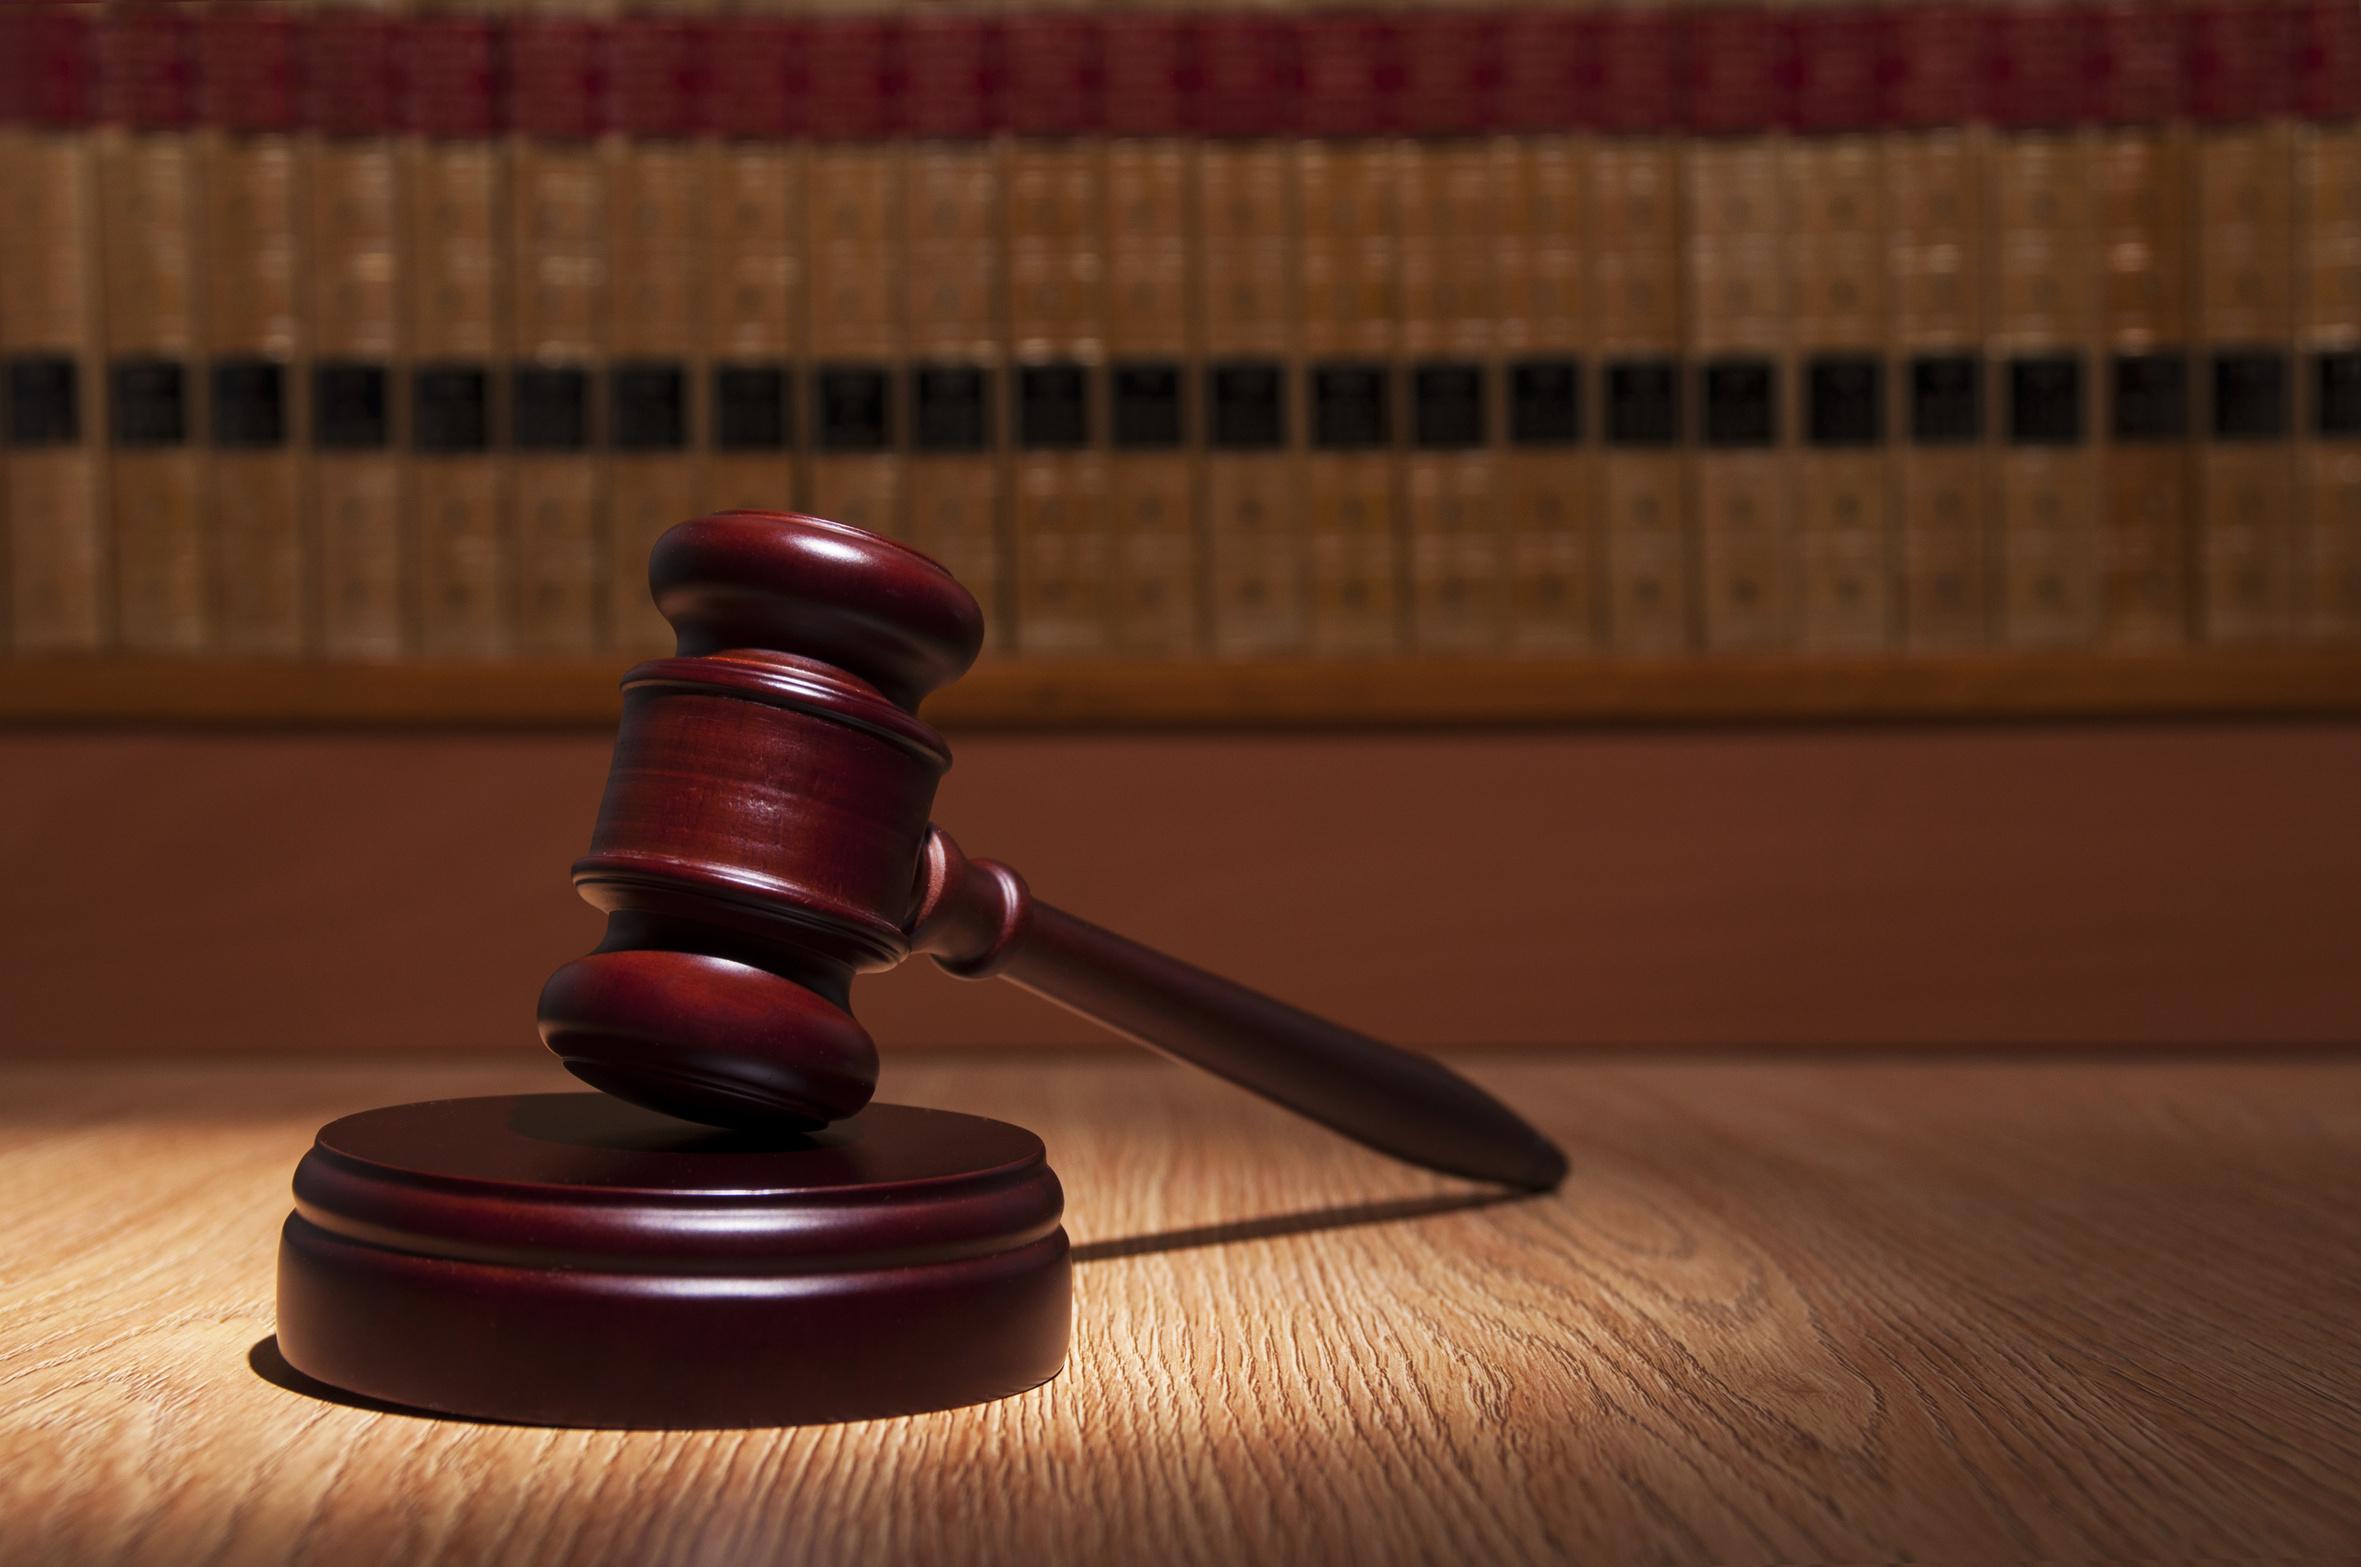 Обжалование приговора по уголовному делу